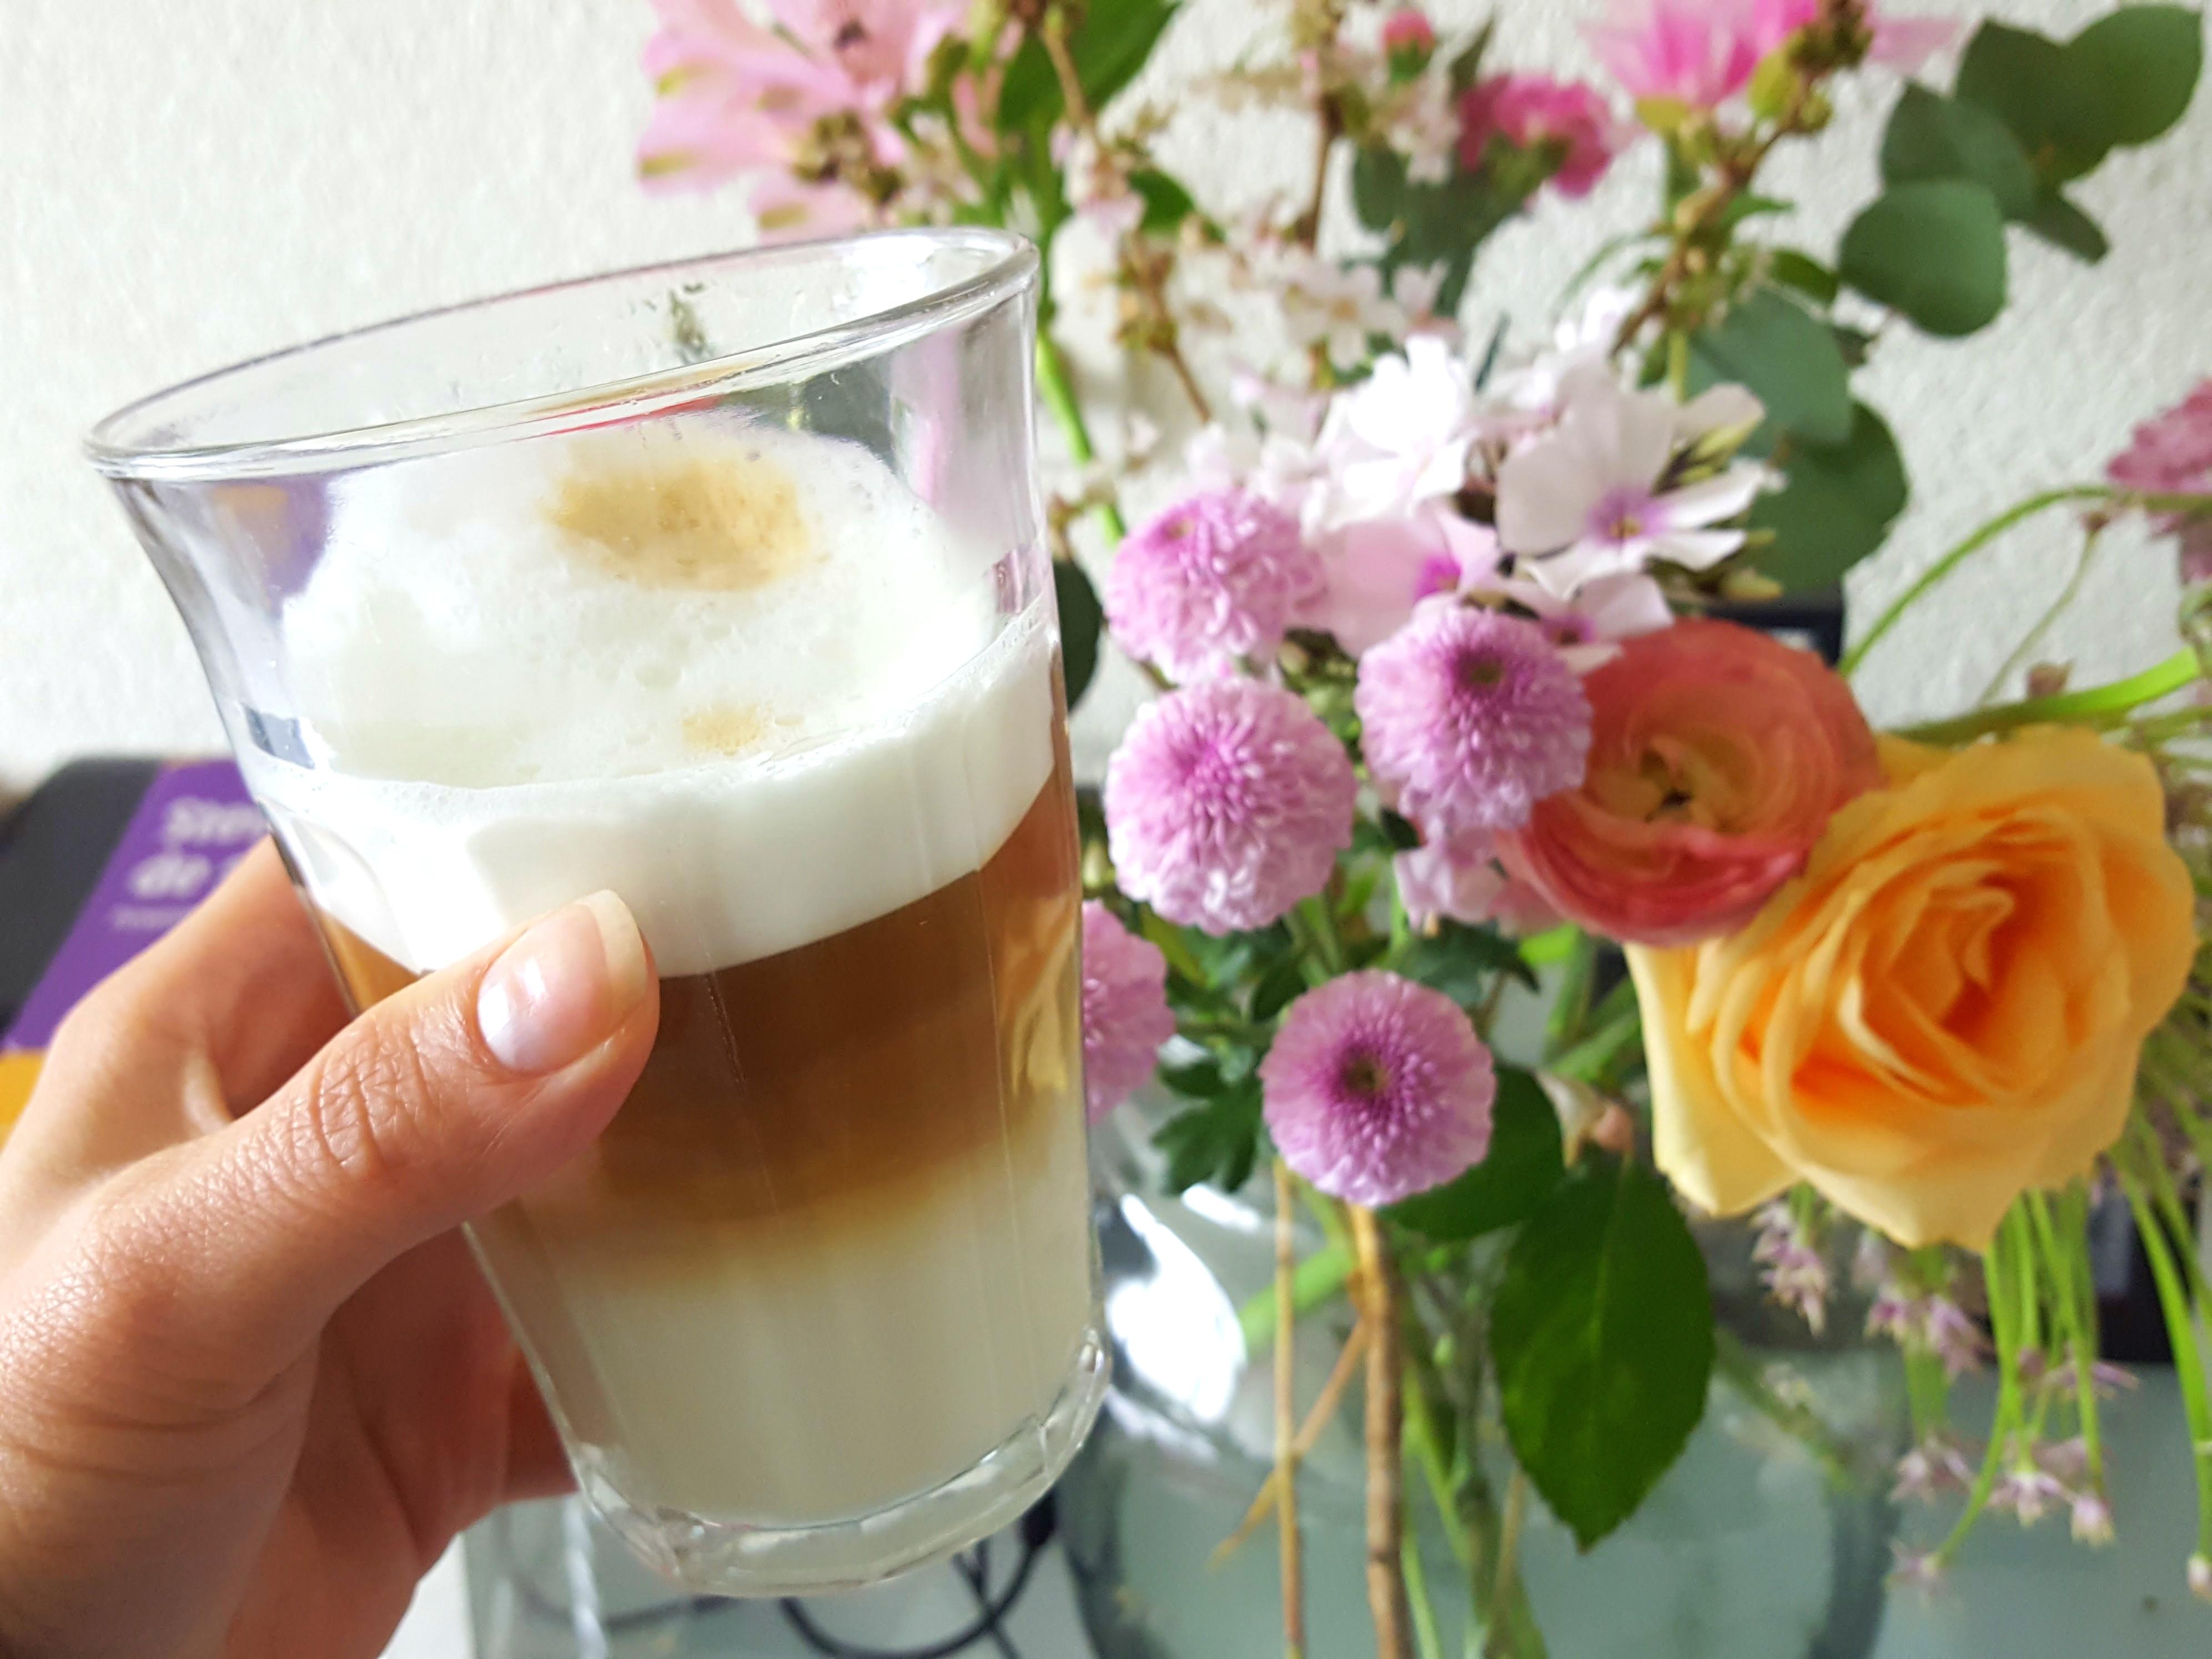 Zeer koffie en bloemen verjaardag - All Lovely Things #AR-44